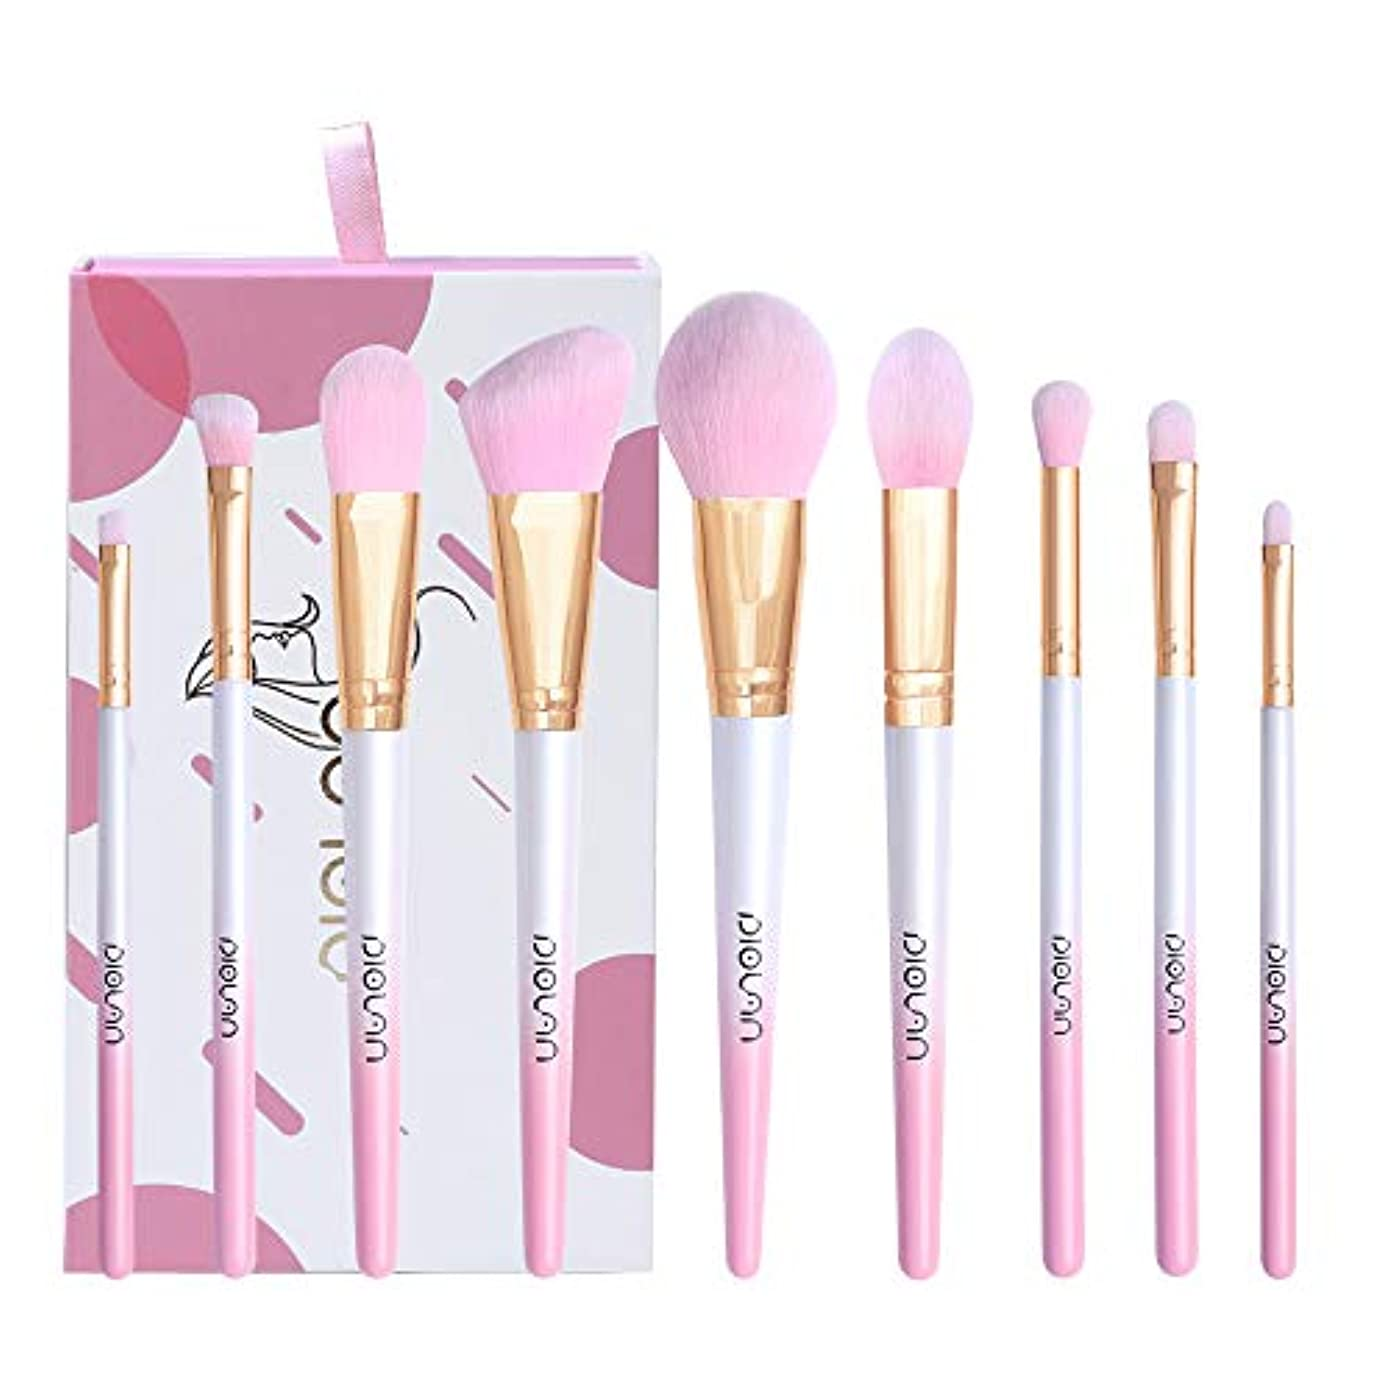 良心的修羅場リンケージDiolan メイクブラシ 化粧ブラシセット 高級タクロン 超柔らかい 9本セット (桜のピンク)